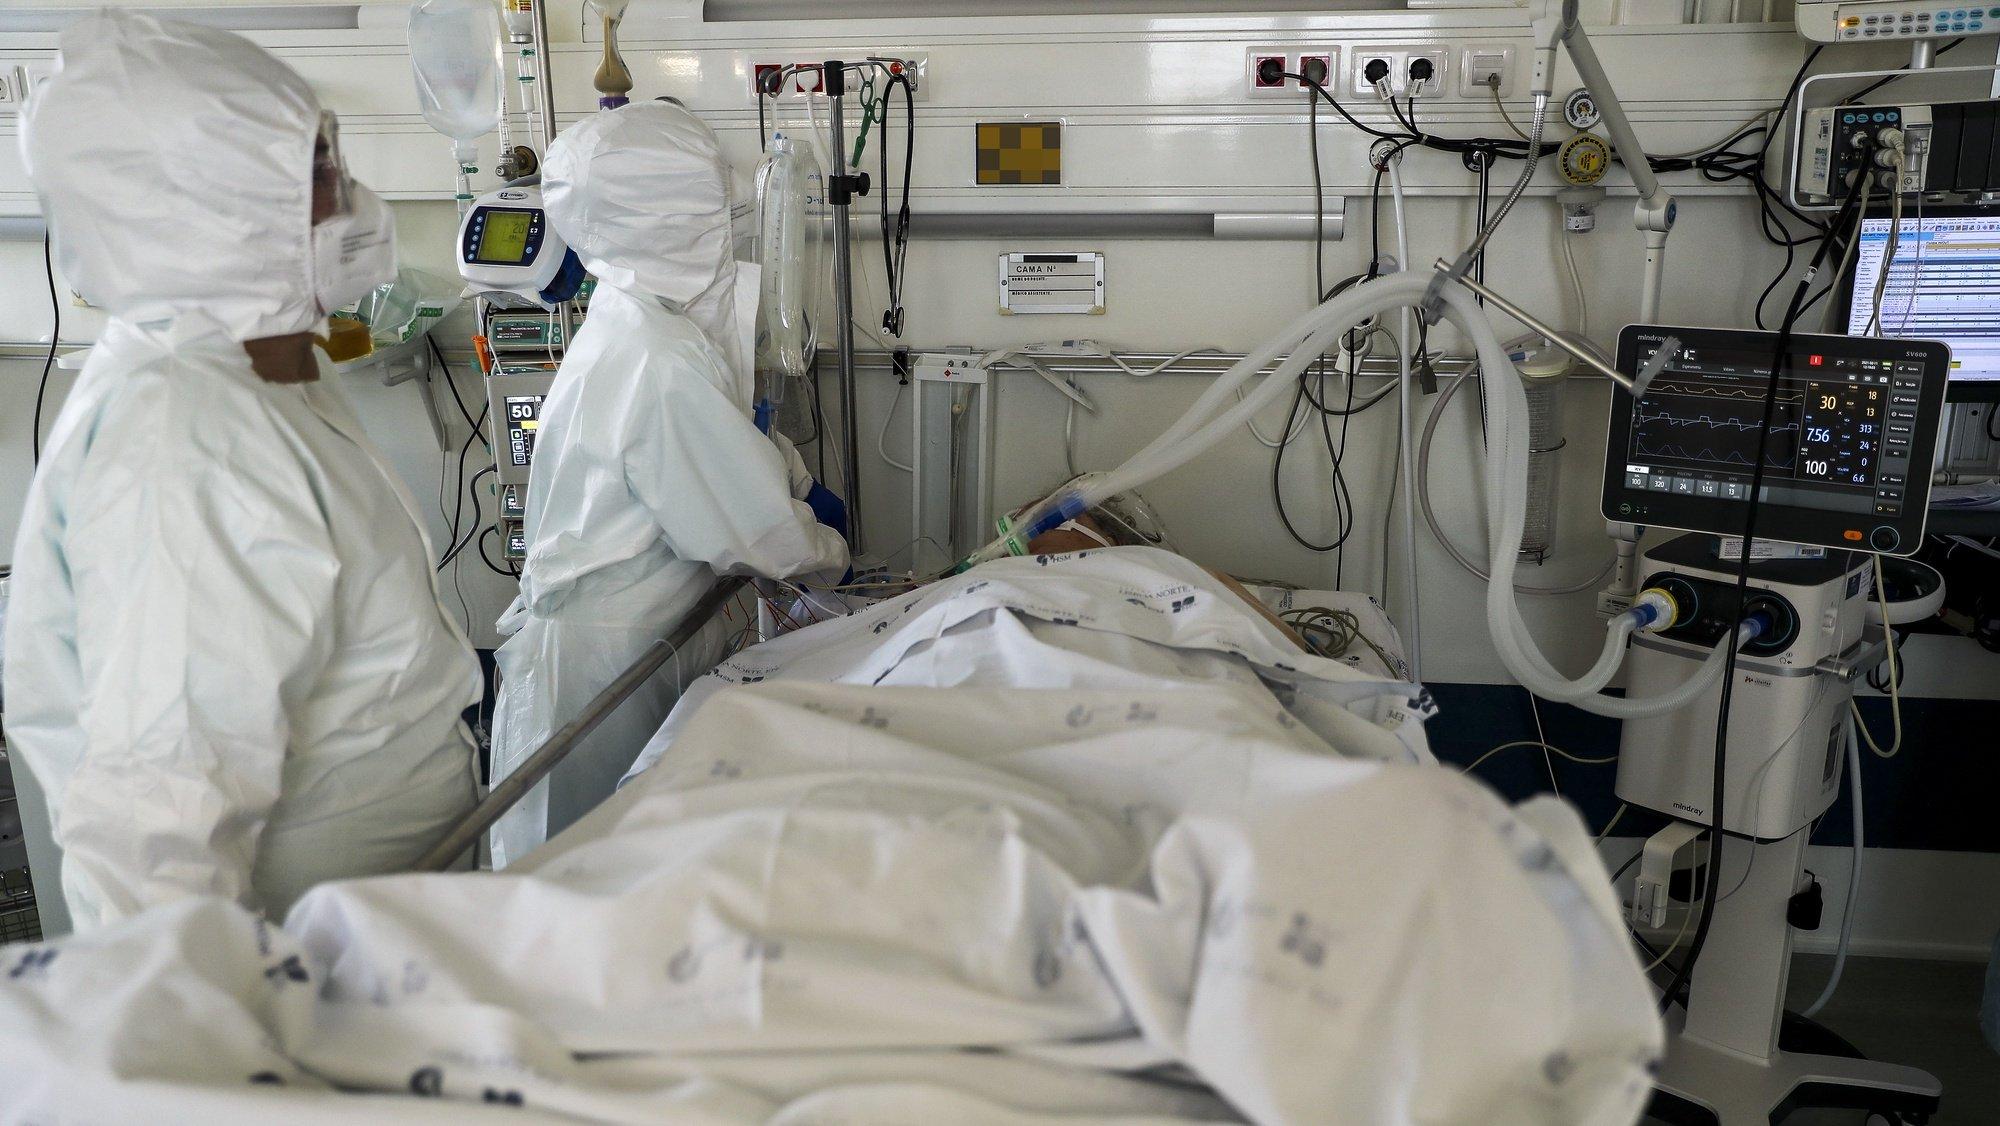 Dois elementos da equipa médica cuidam de uma paciente hospitalizado na Unidade de Cuidados Intensivos covid-19